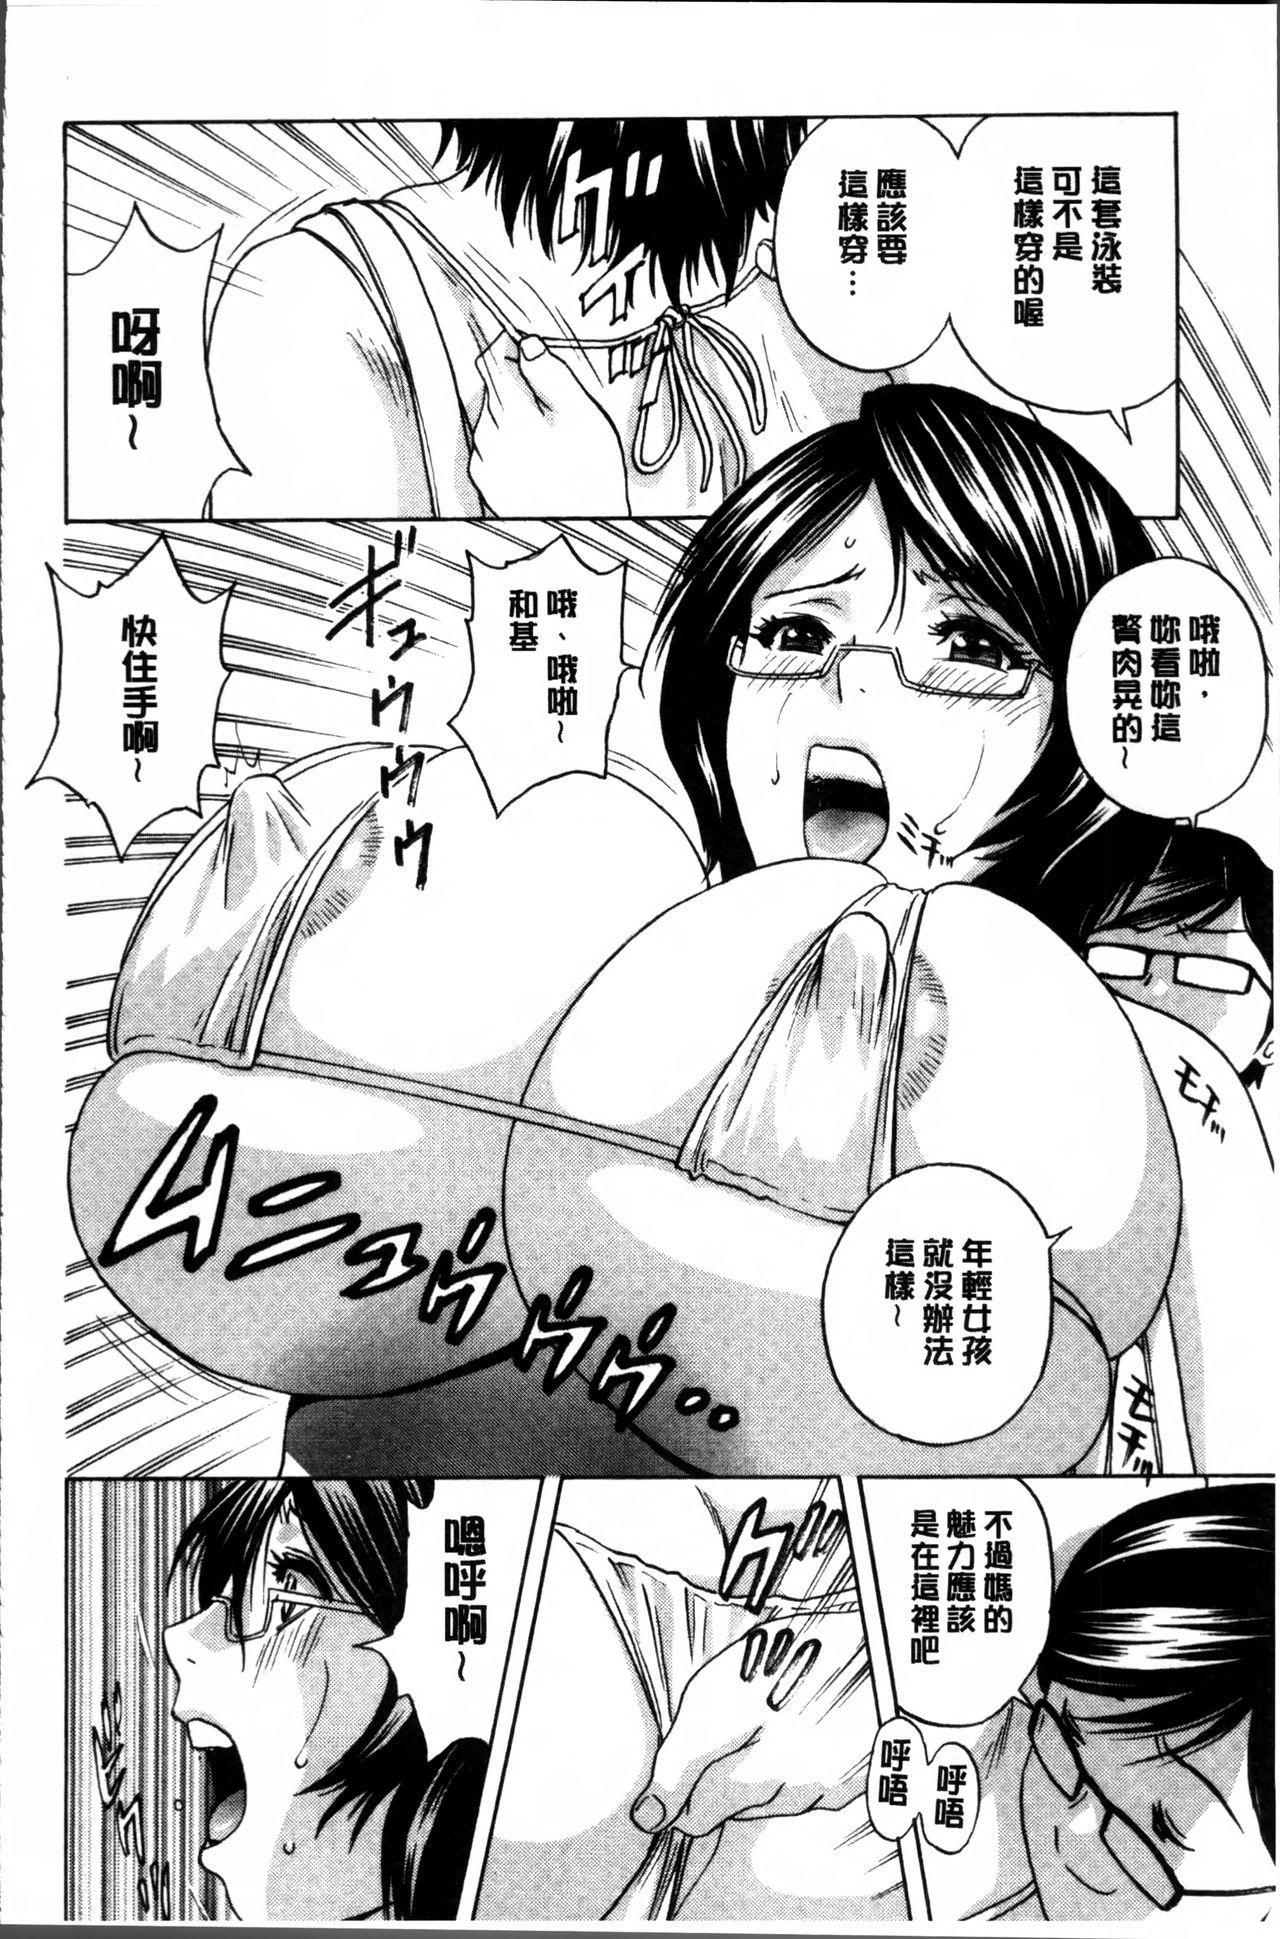 Ryoujyoku!! Urechichi Paradise 47